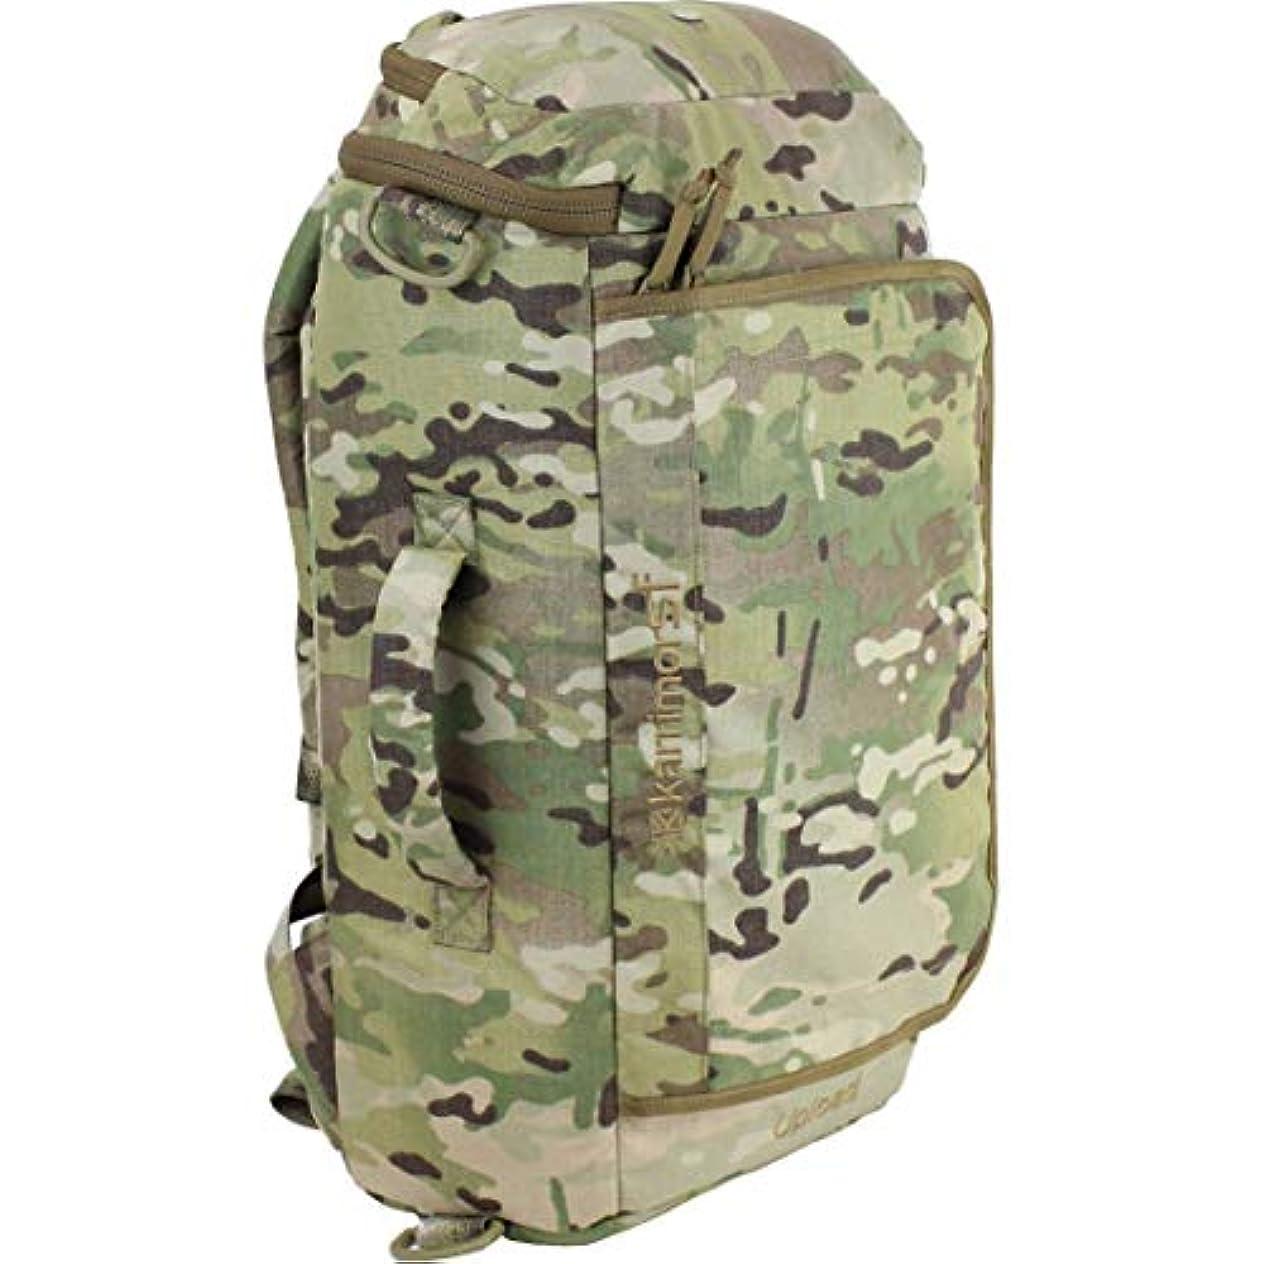 推進襲撃回転するkarrimor SF NORDIC UPLOAD Laptop bag 20L? カリマー SF ノルディック アップロード ラップトップ バッグ